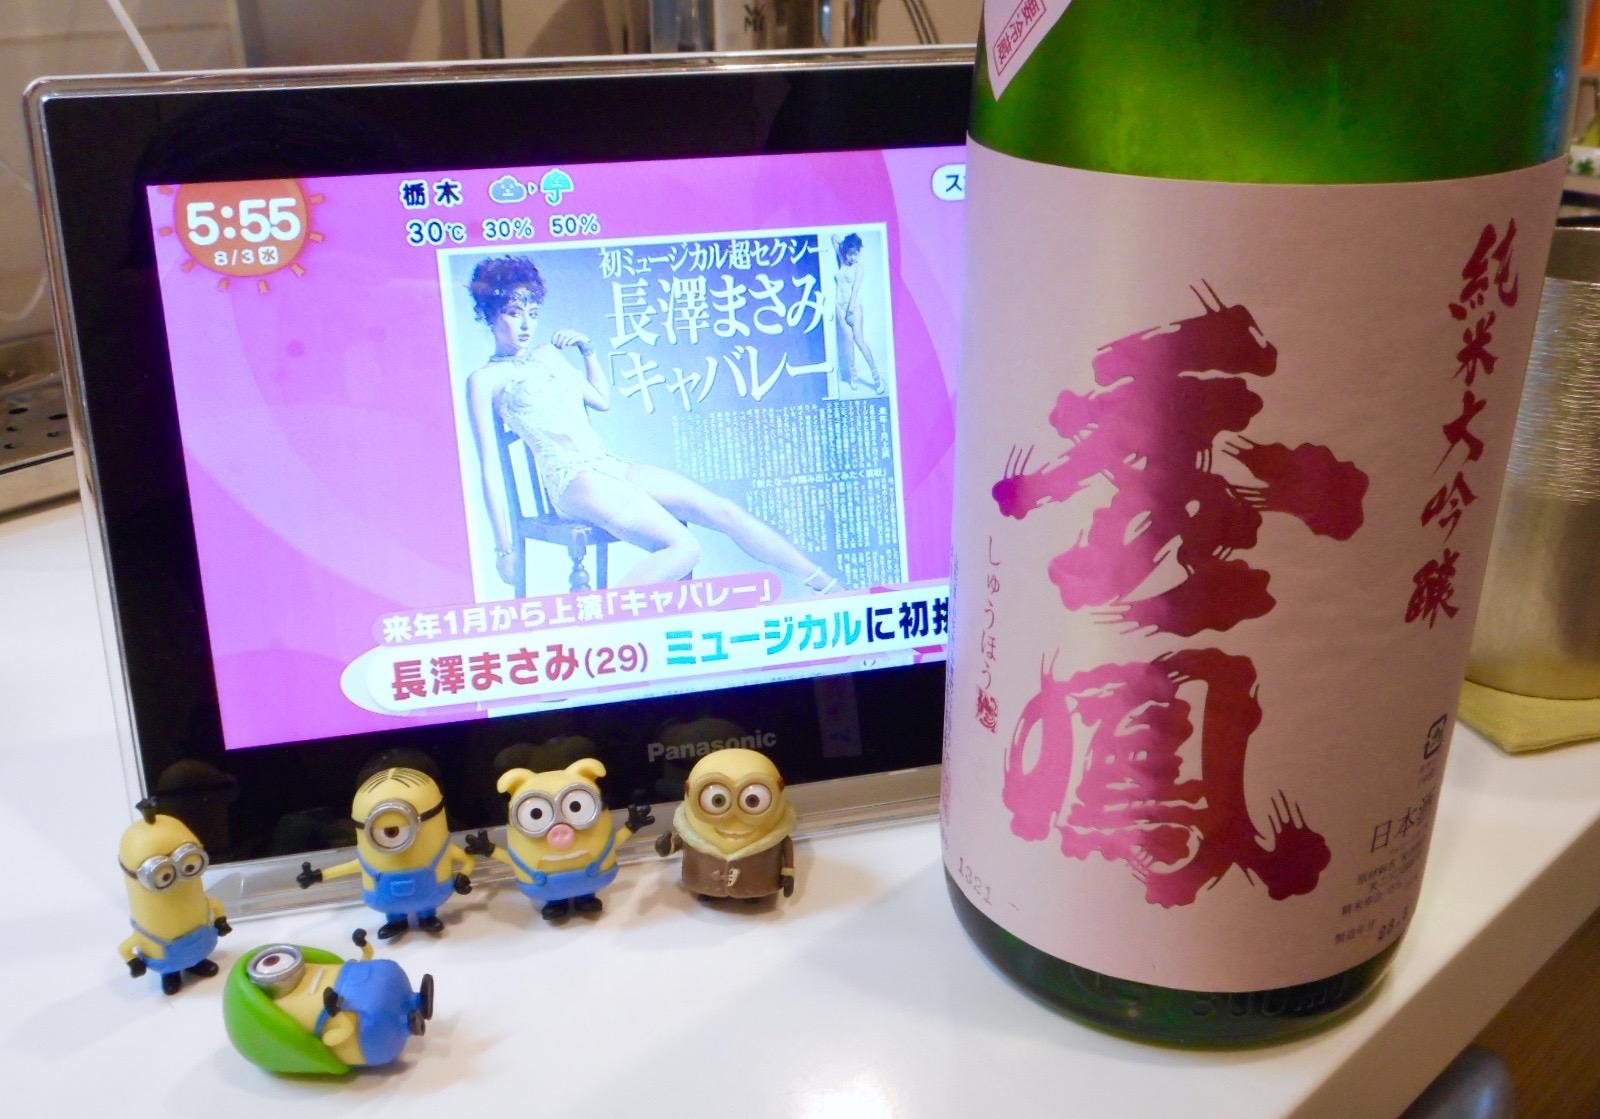 shuhou_jundai_aiyama27by1.jpg